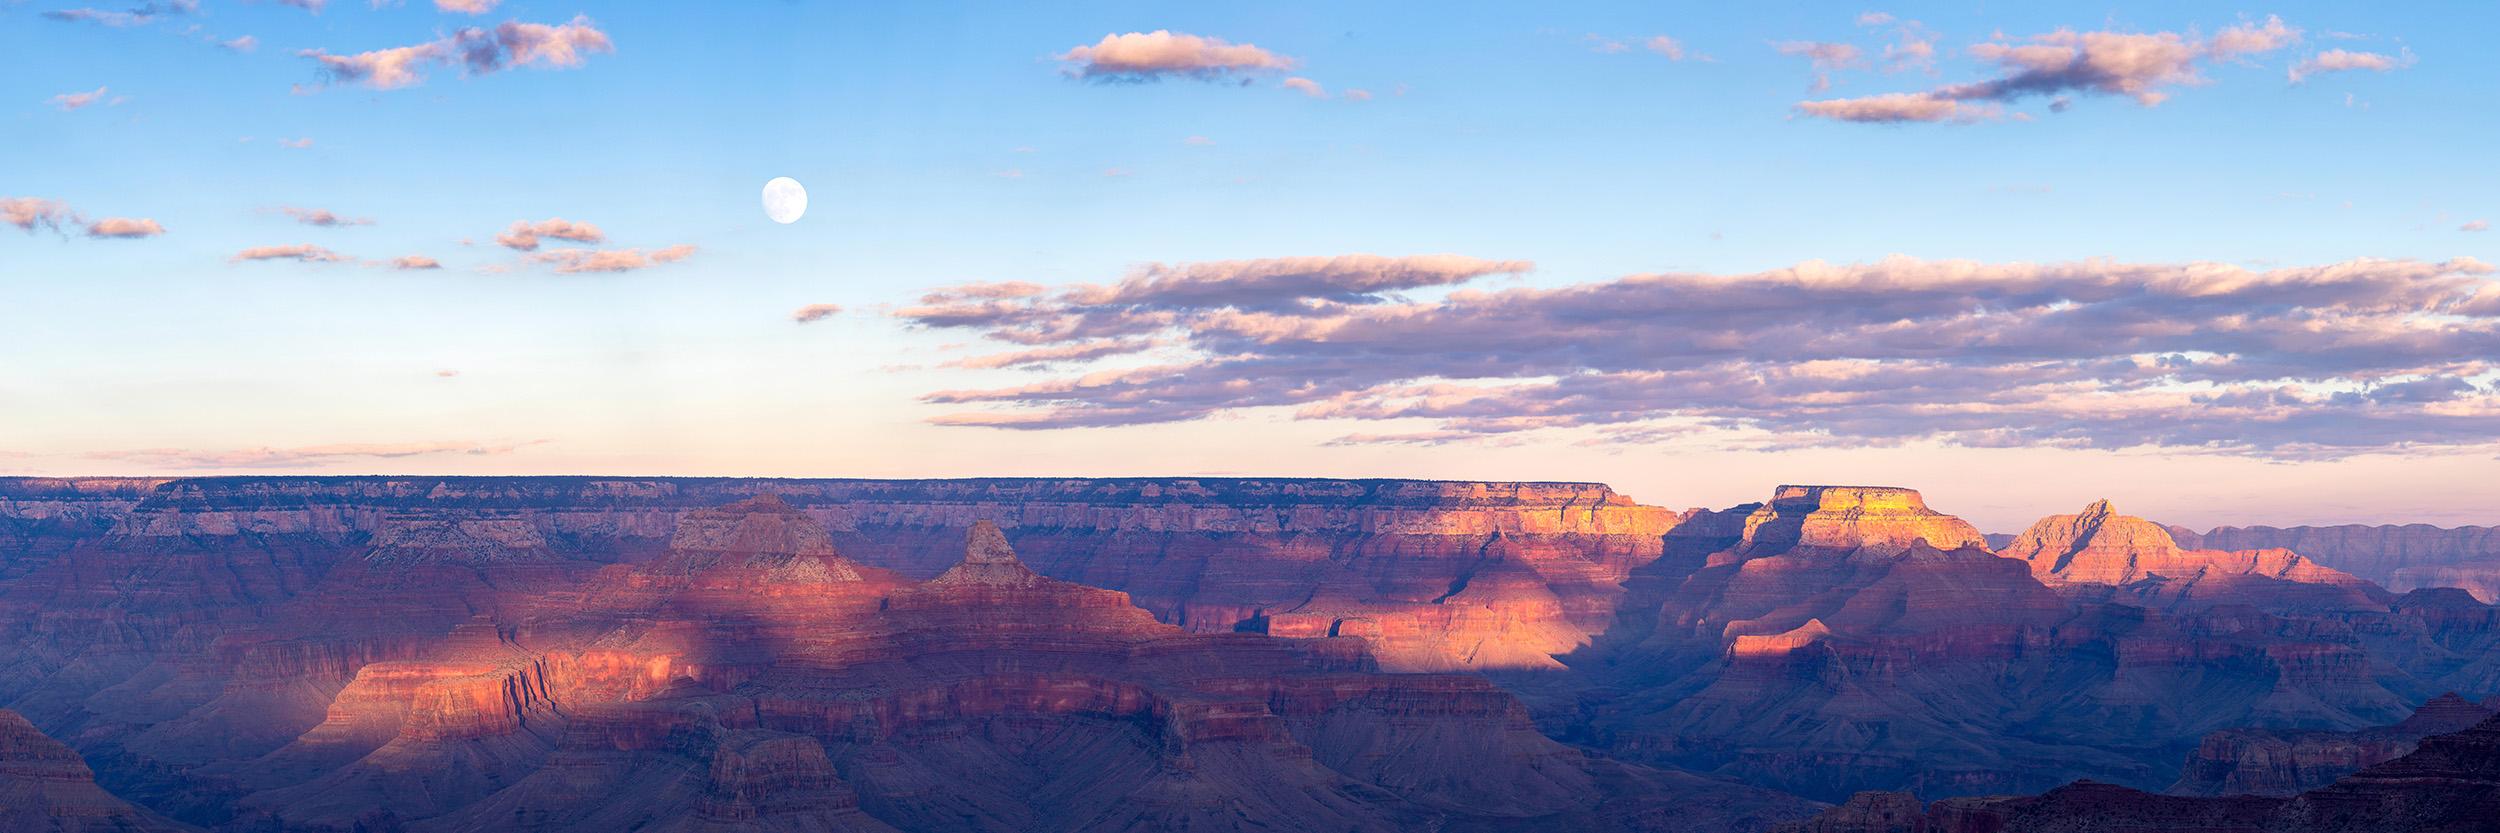 Grand Canyon Supermoon